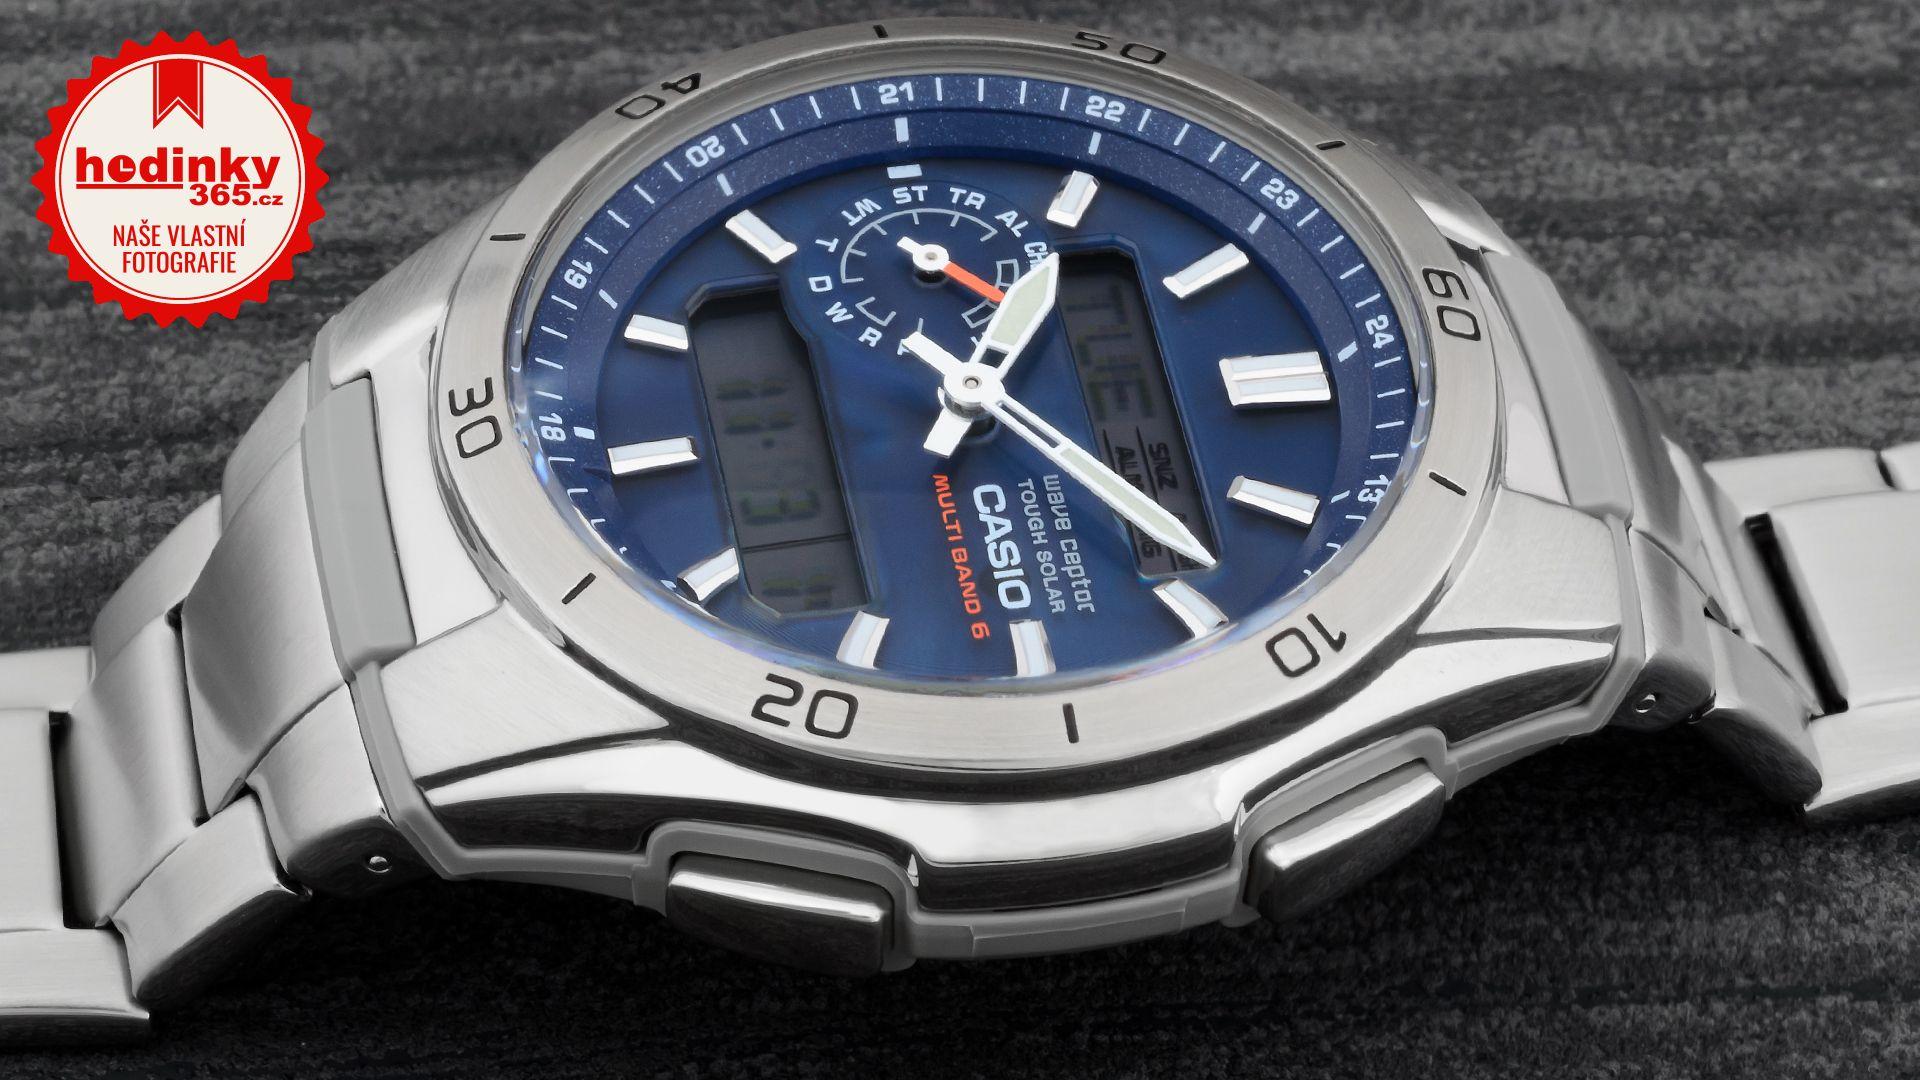 Hodinky Casio Wave Ceptor WVA-M650D-2AER 39819da5b57